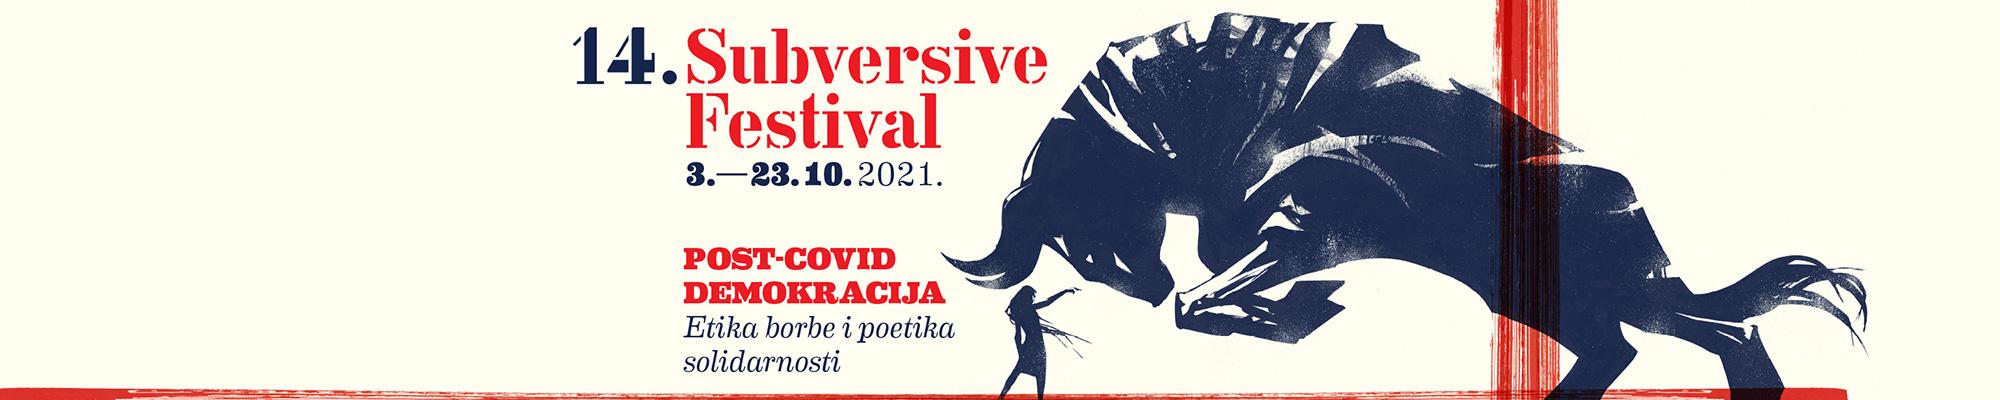 Listopad u znaku 14. izdanja Subversive Festivala – uživo i online!